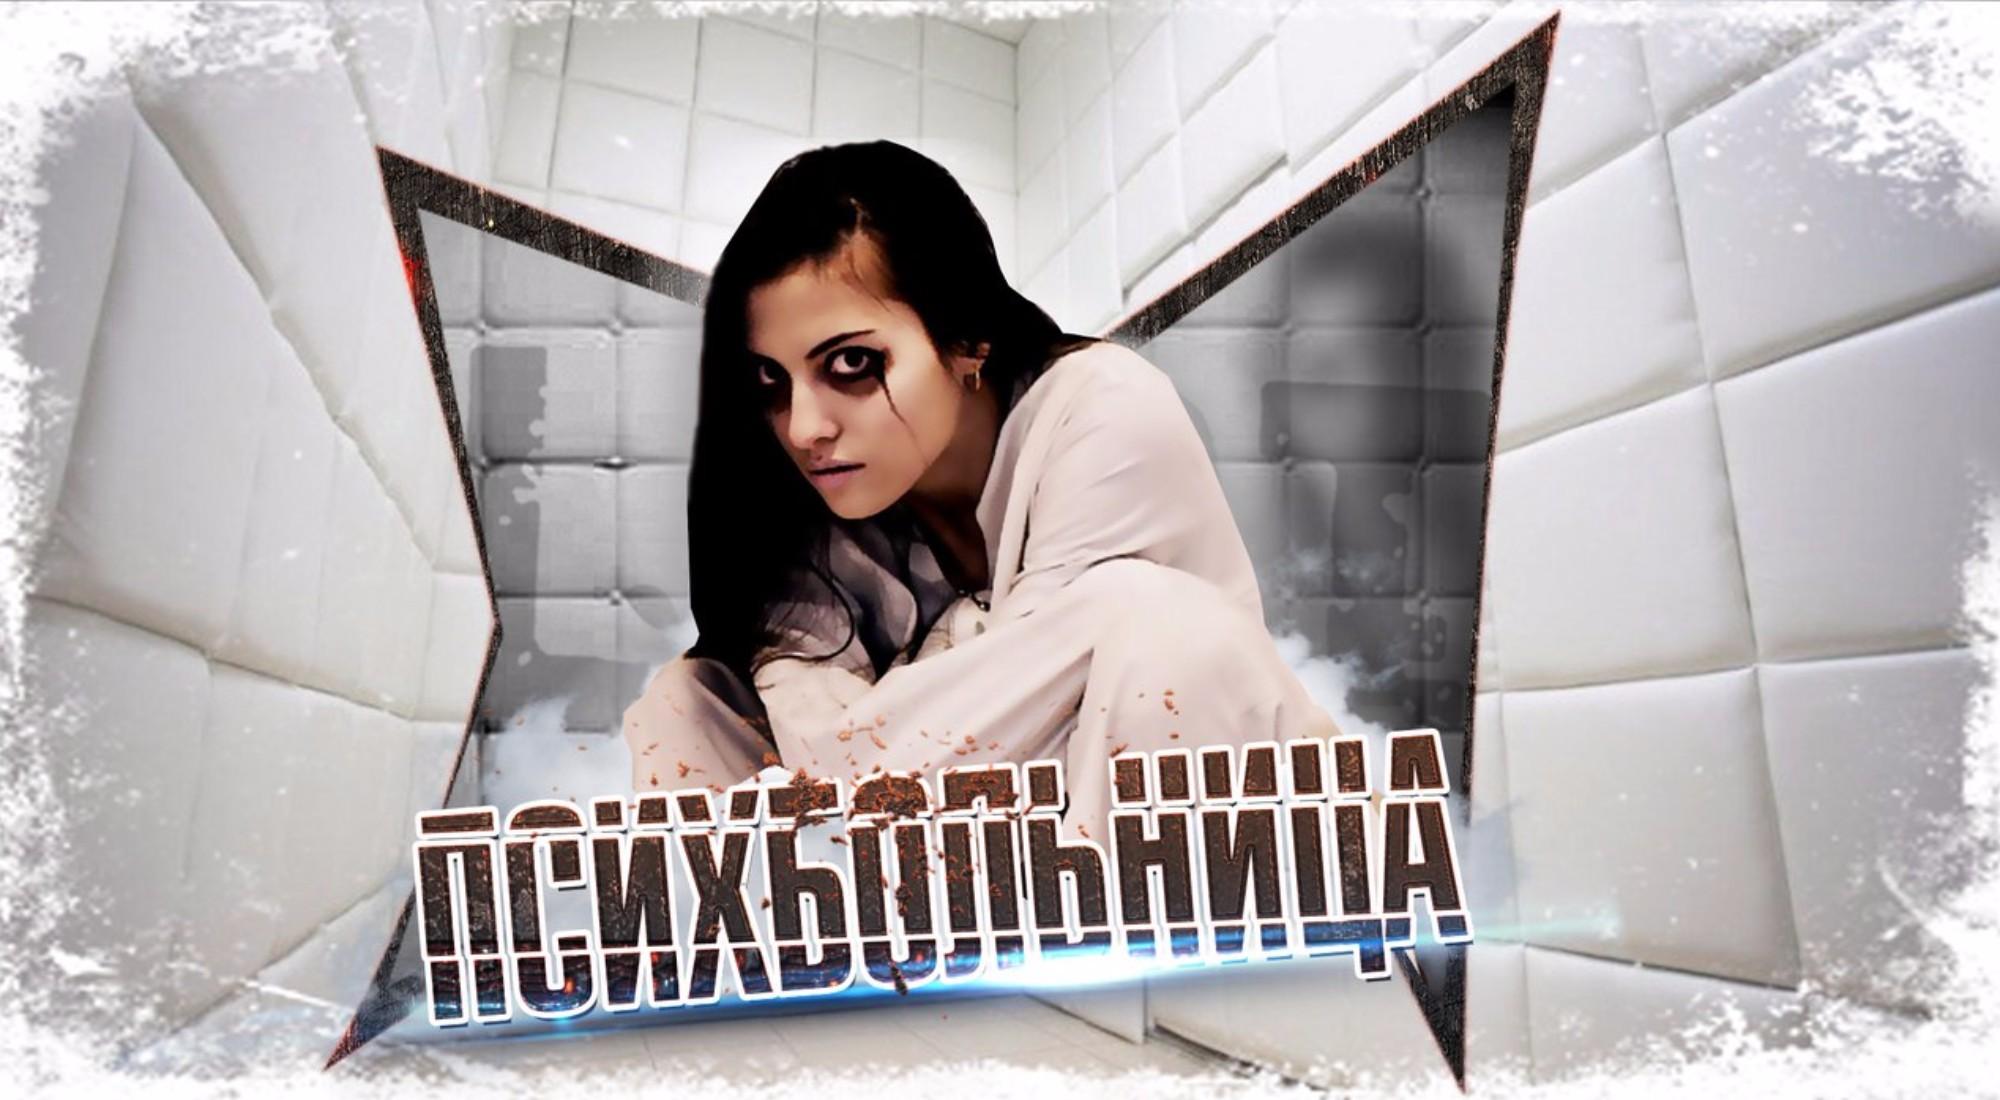 Квест Психбольница в Кемерово фото 0